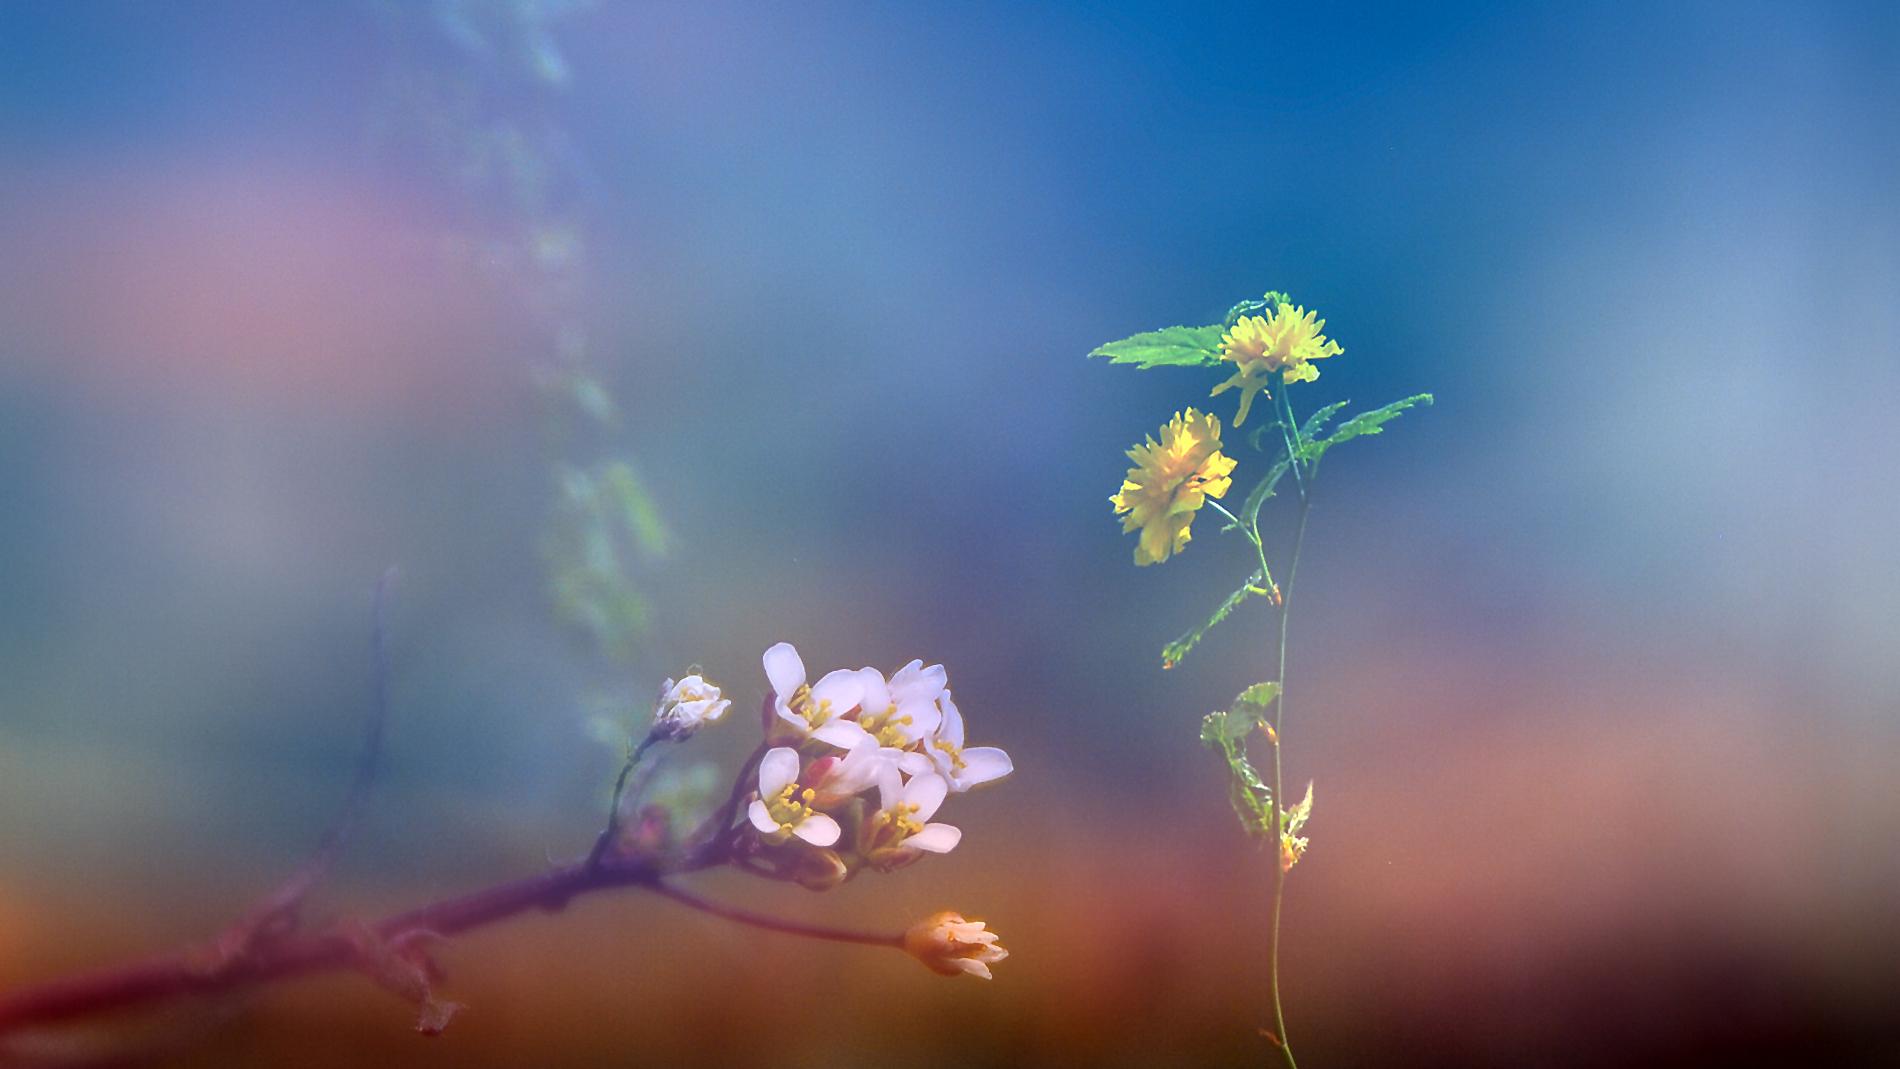 Tallo con flor amarilla - 1900x1069